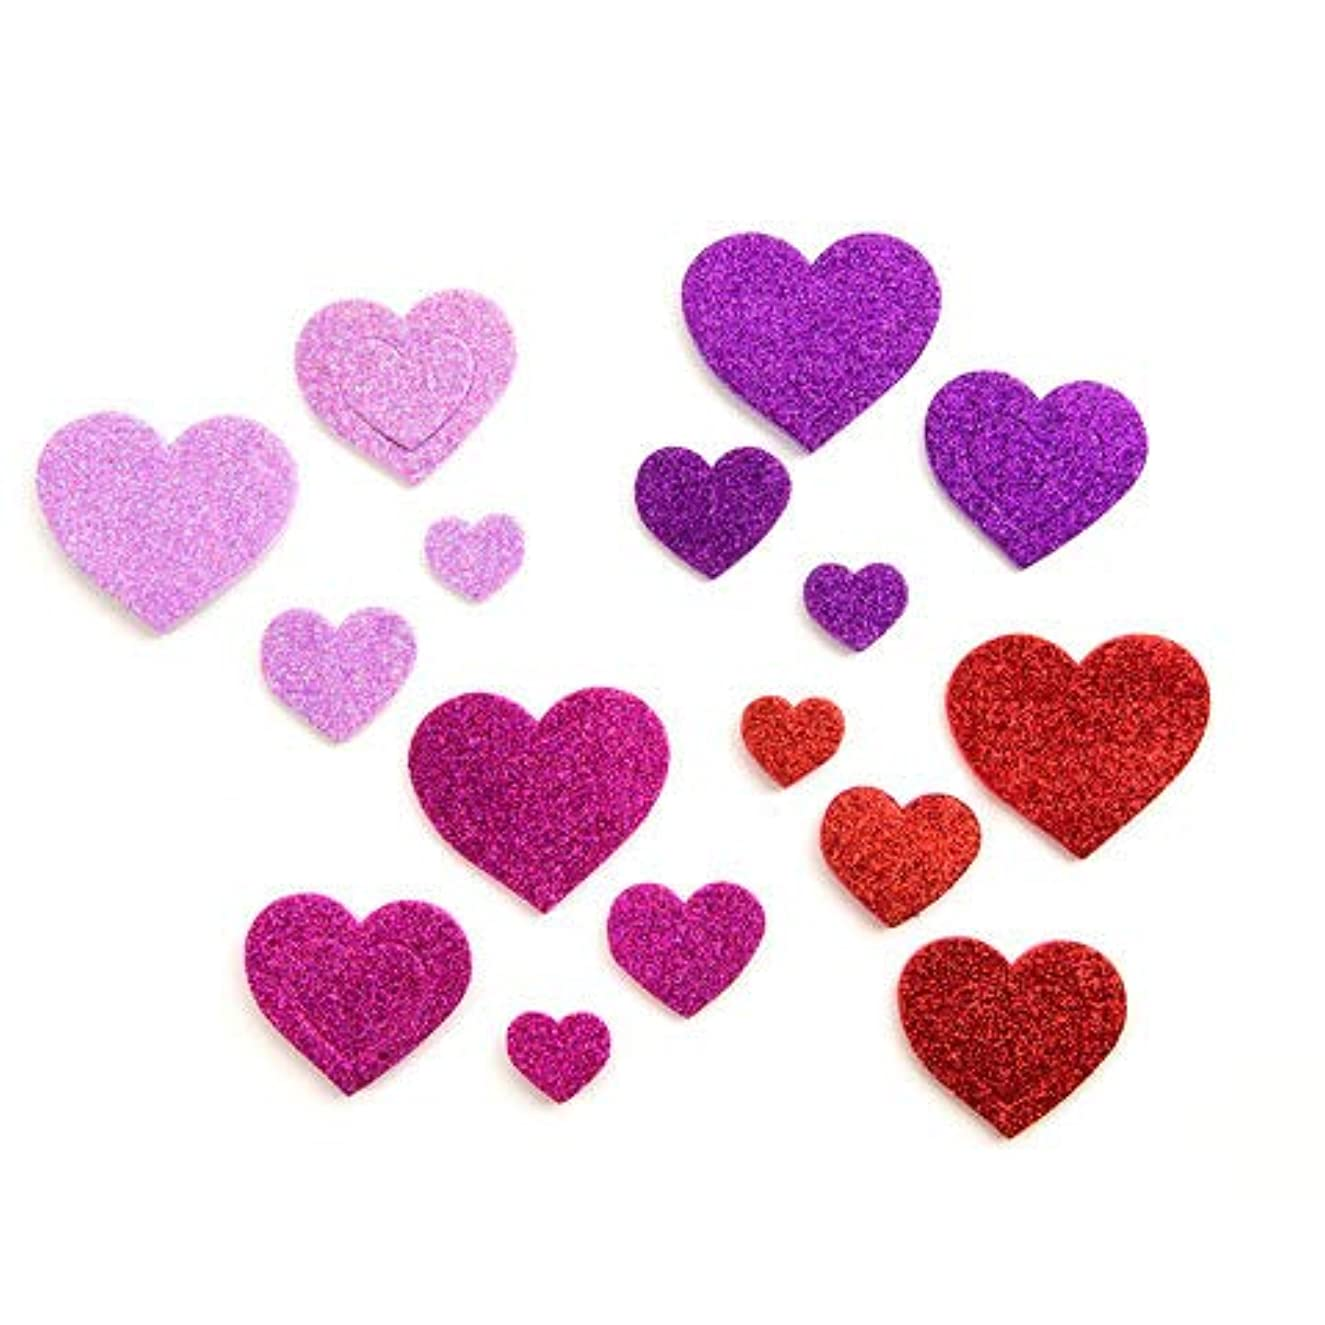 240 Glitter Hearts Peel Off Foam Stickers~Arts & Crafts Supplies